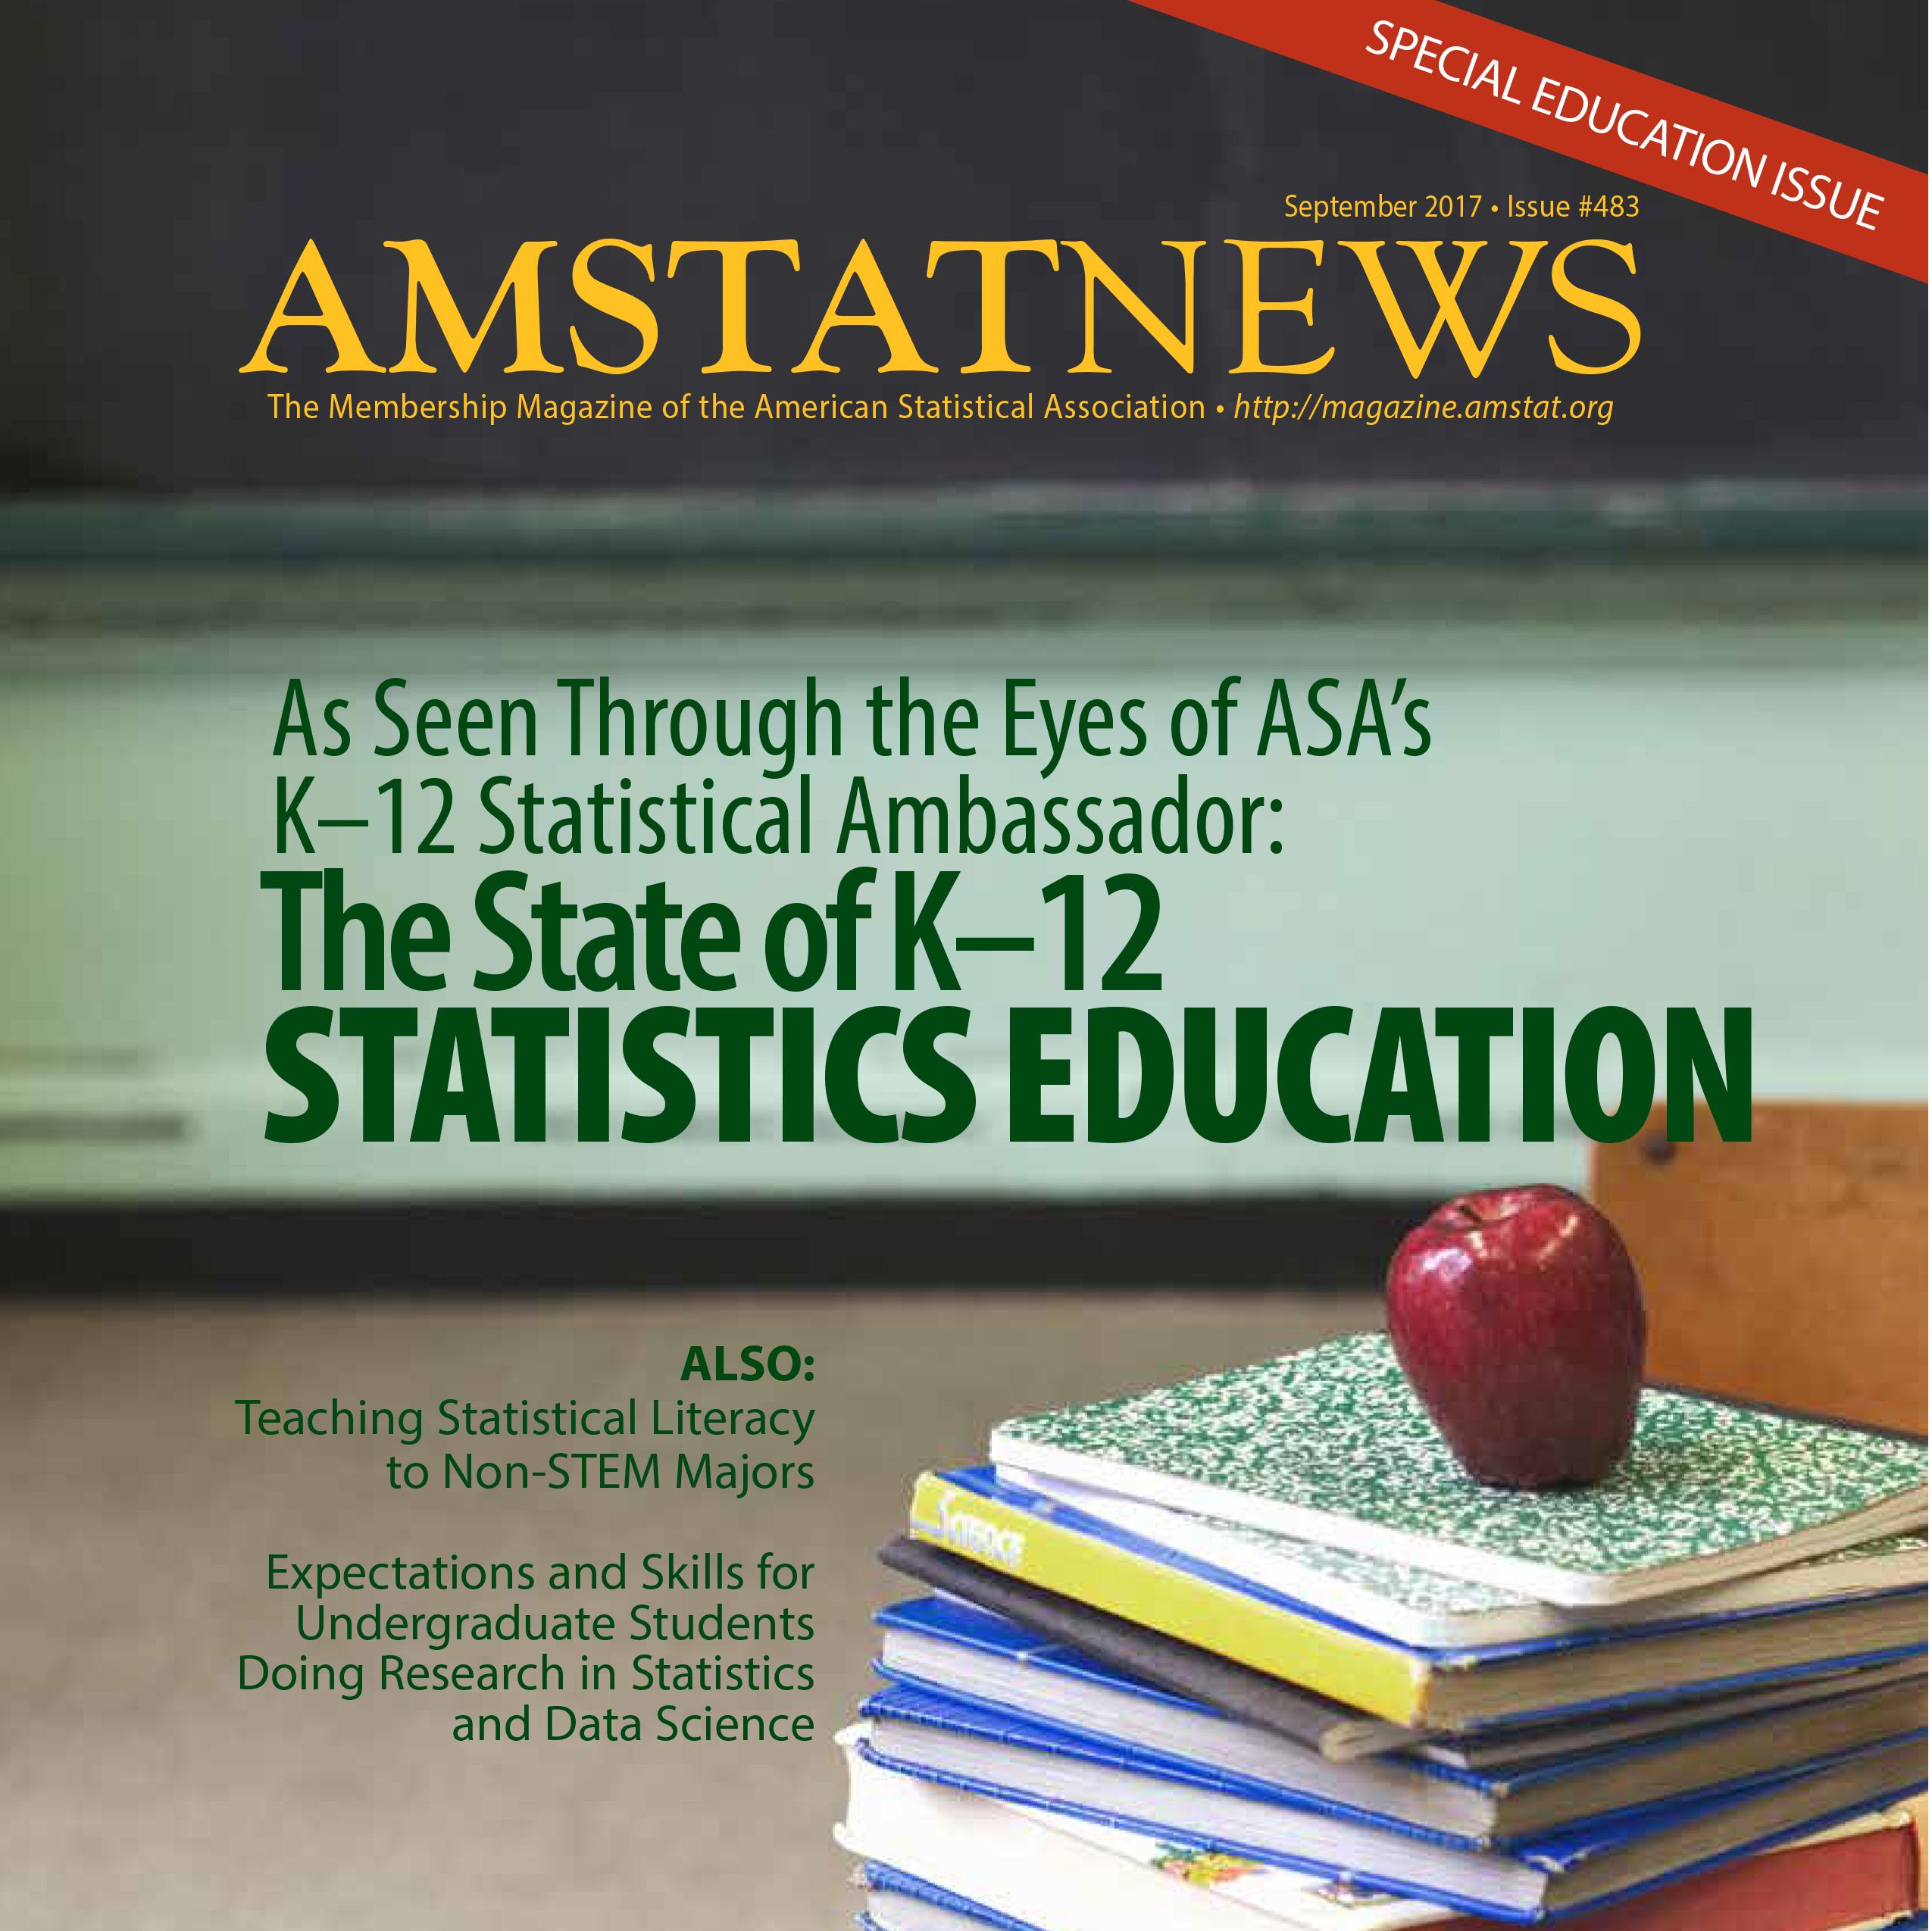 September Amstat News 2017